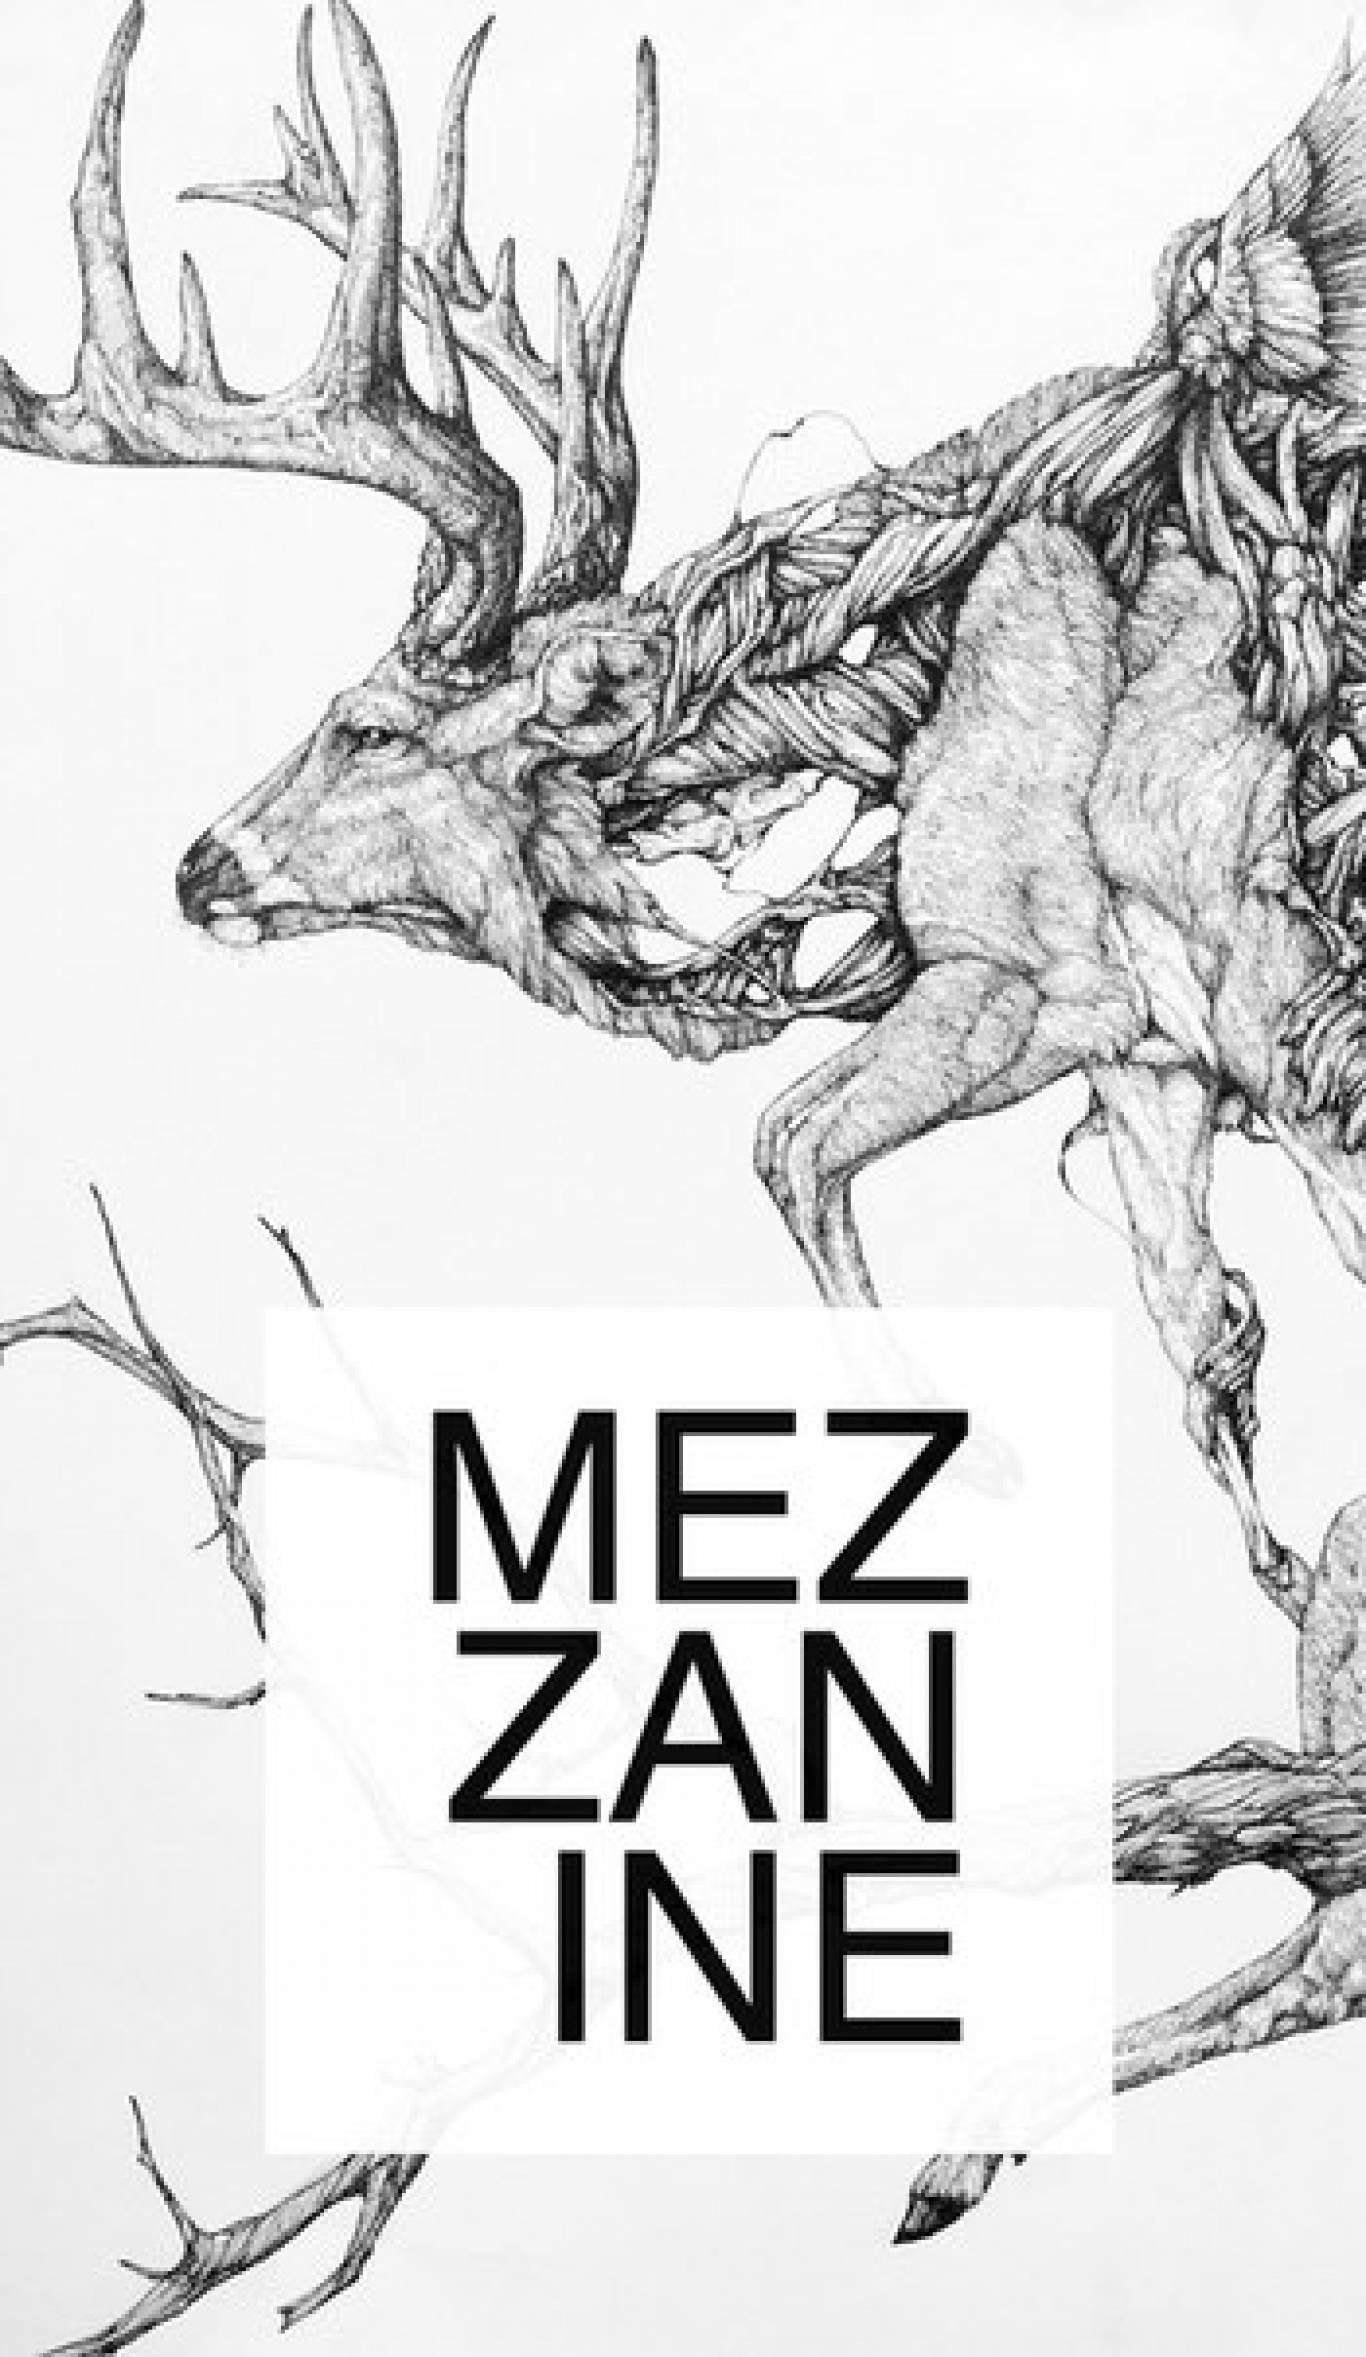 Вечірка Warm в Mezzanine